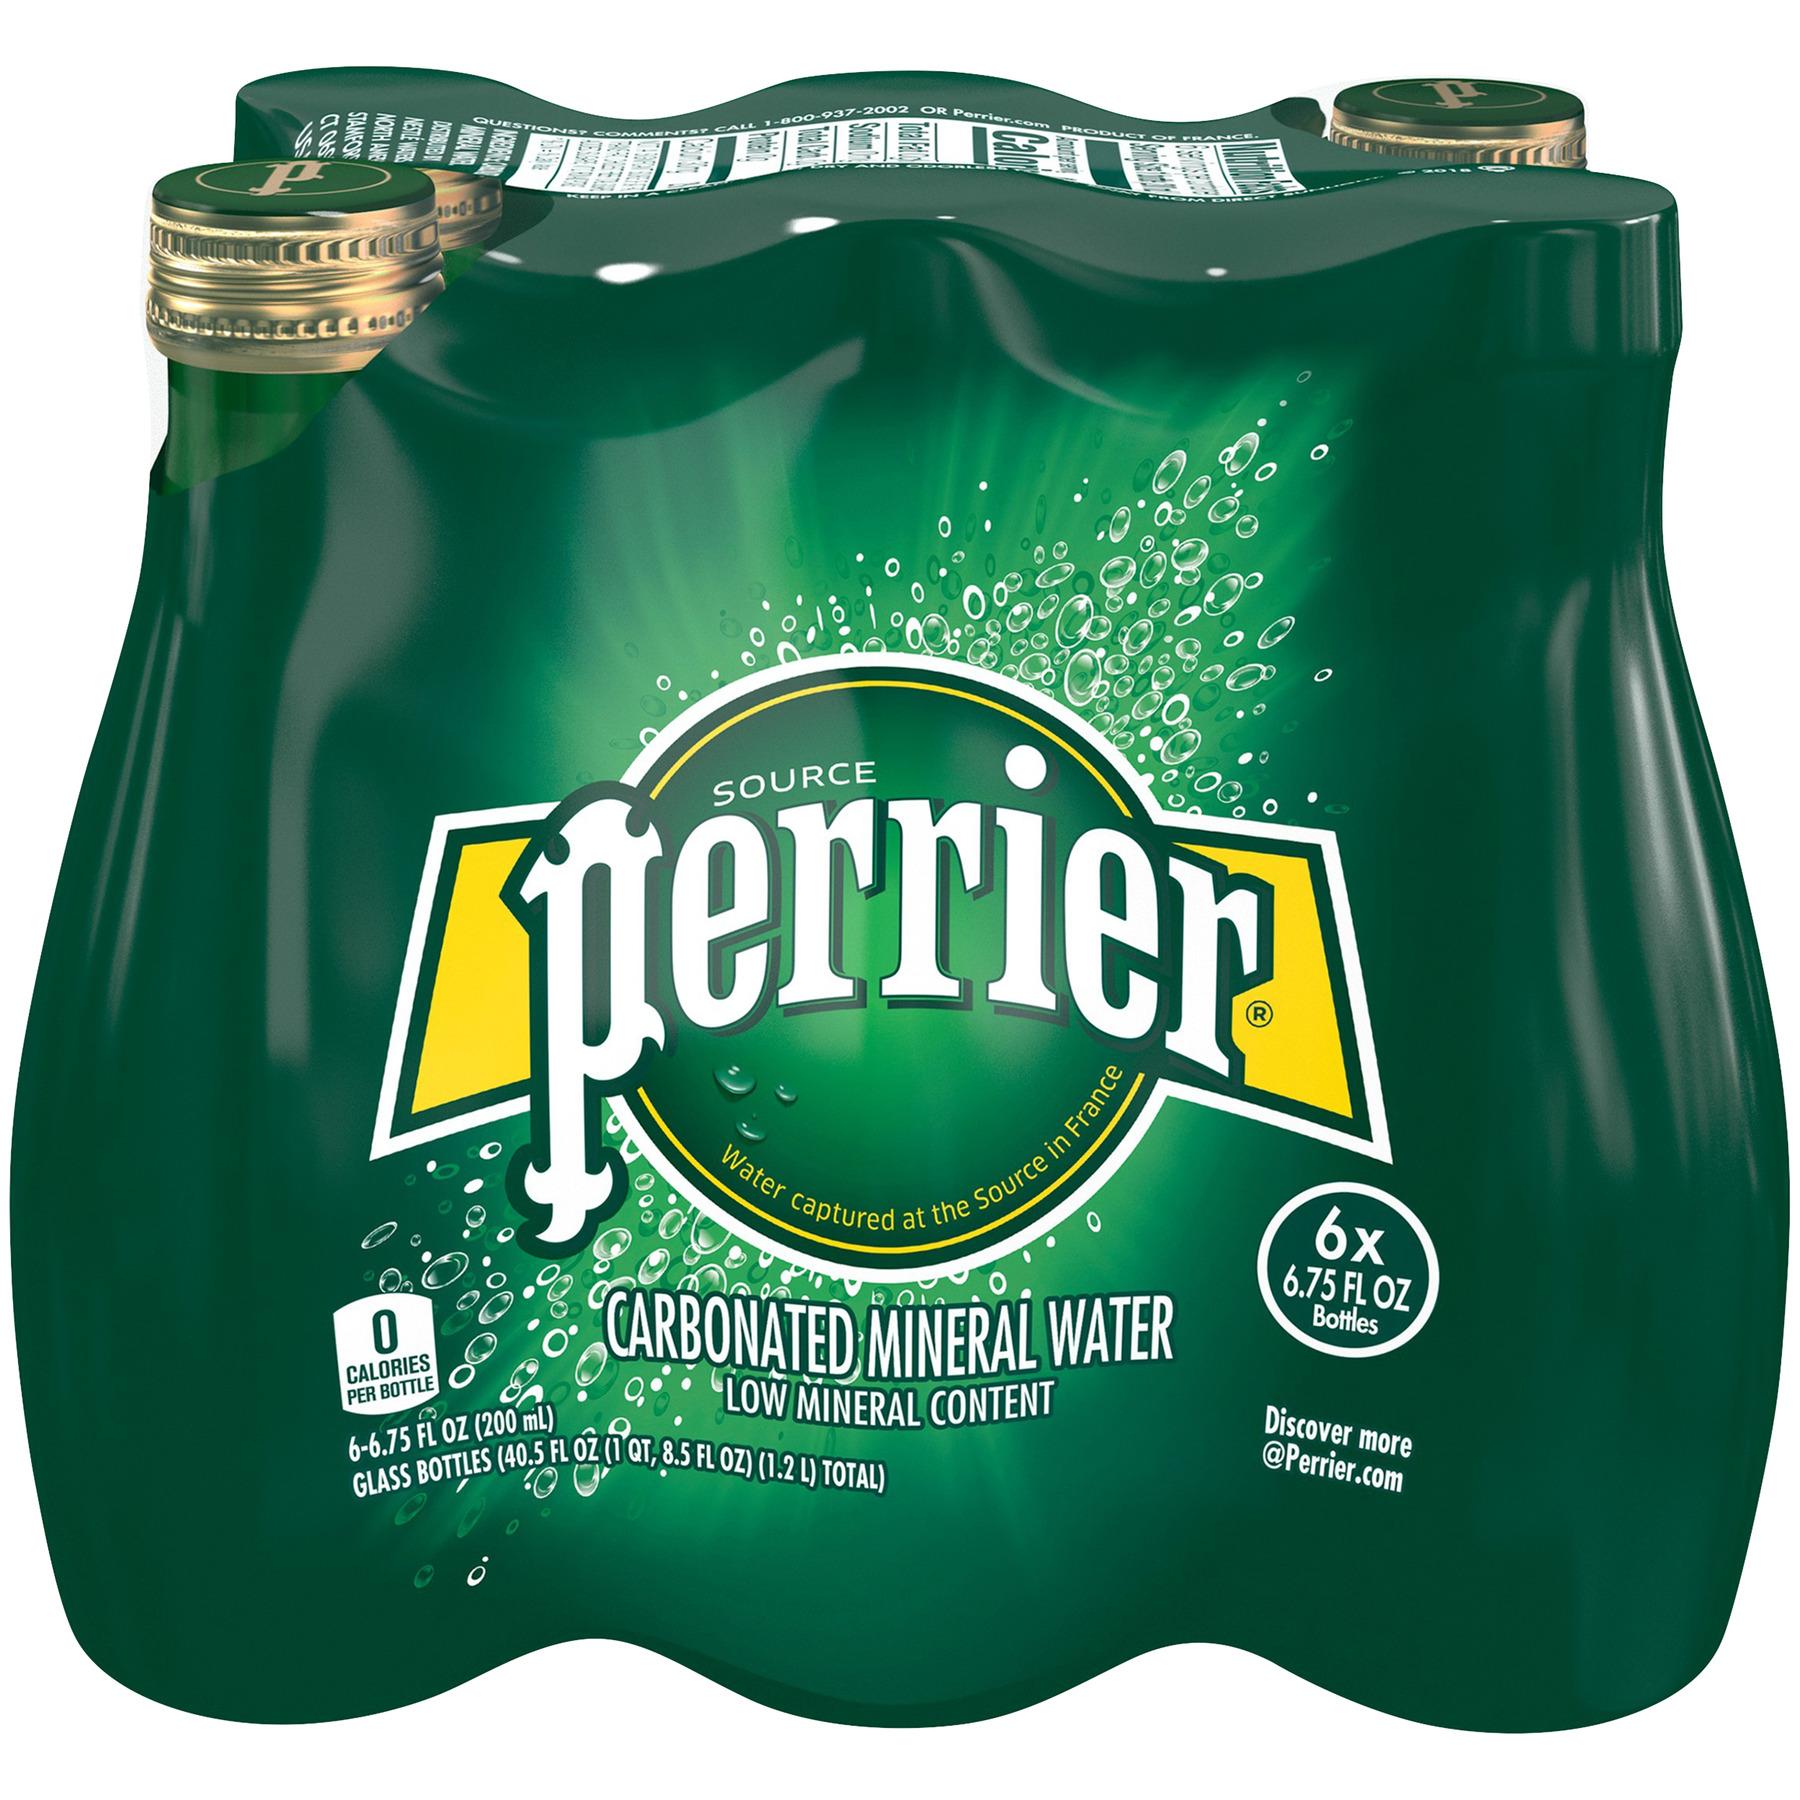 PERRIER Carbonated Mineral Water 6-6.75 fl. oz. Bottles, 6.75 FL OZ